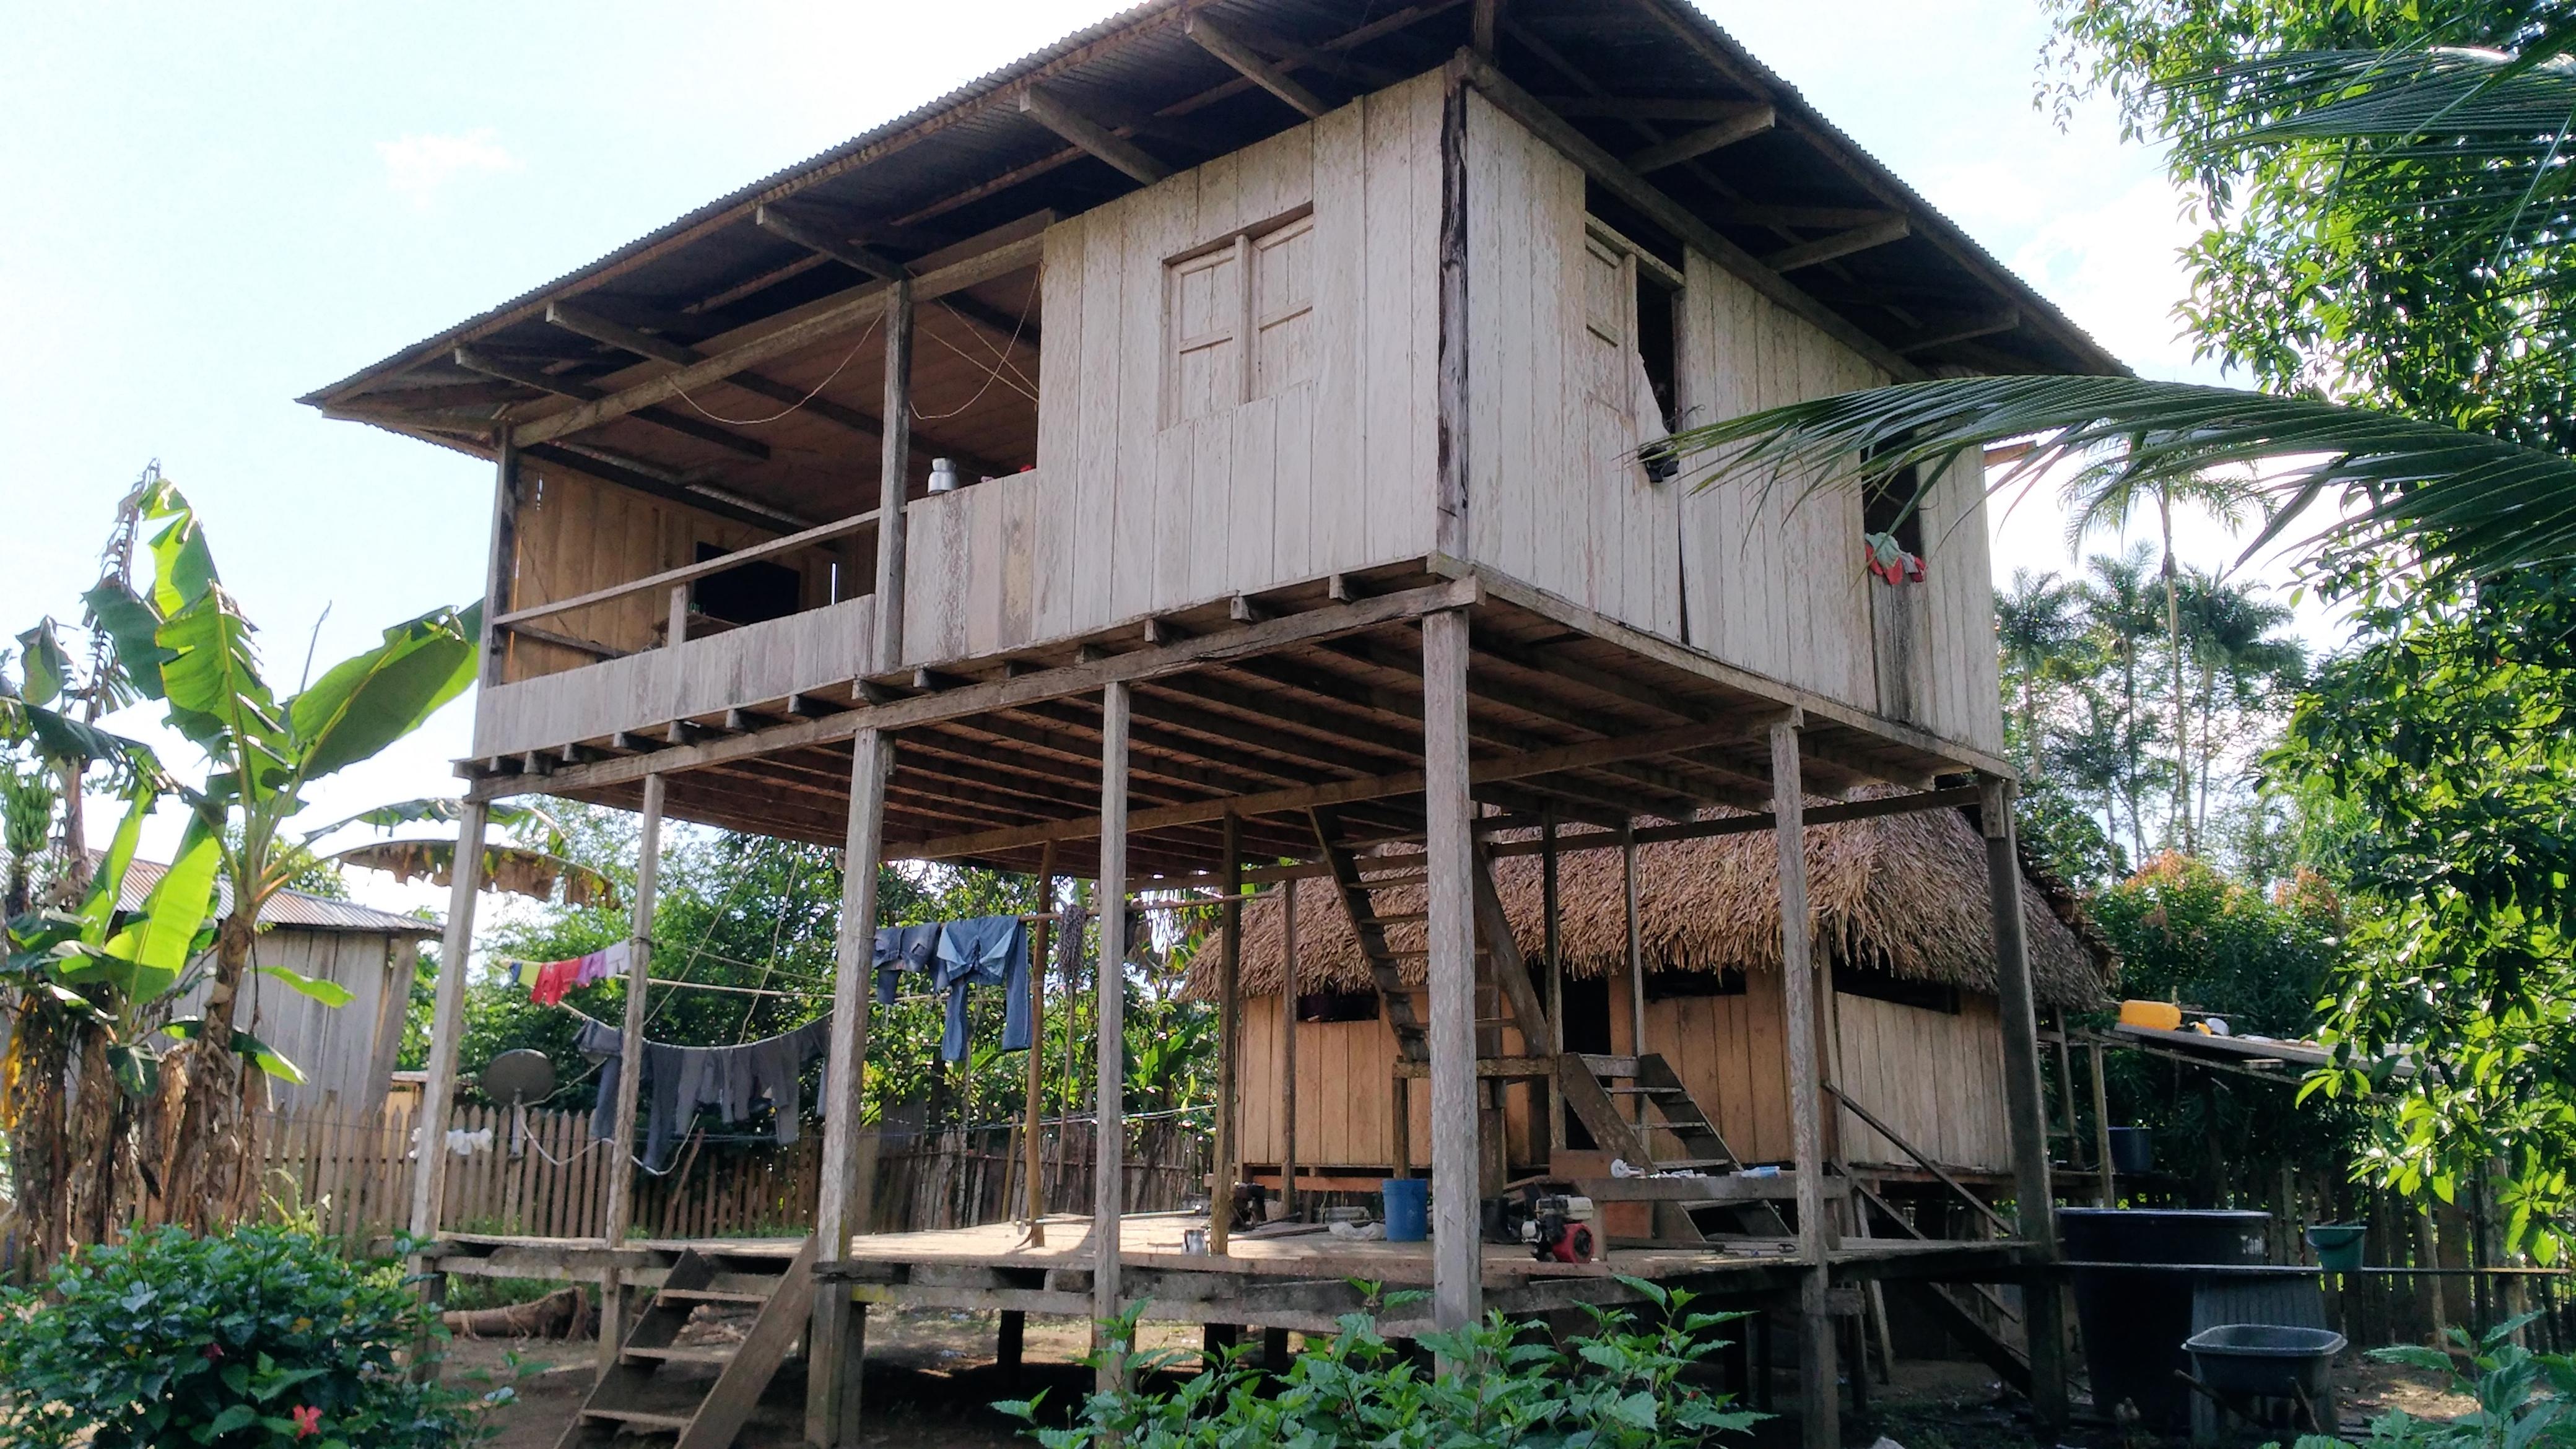 Las viviendas de Puerto Alegría son hechas en madera con techo de palma o zinc. Foto: Mauricio Orjuela.